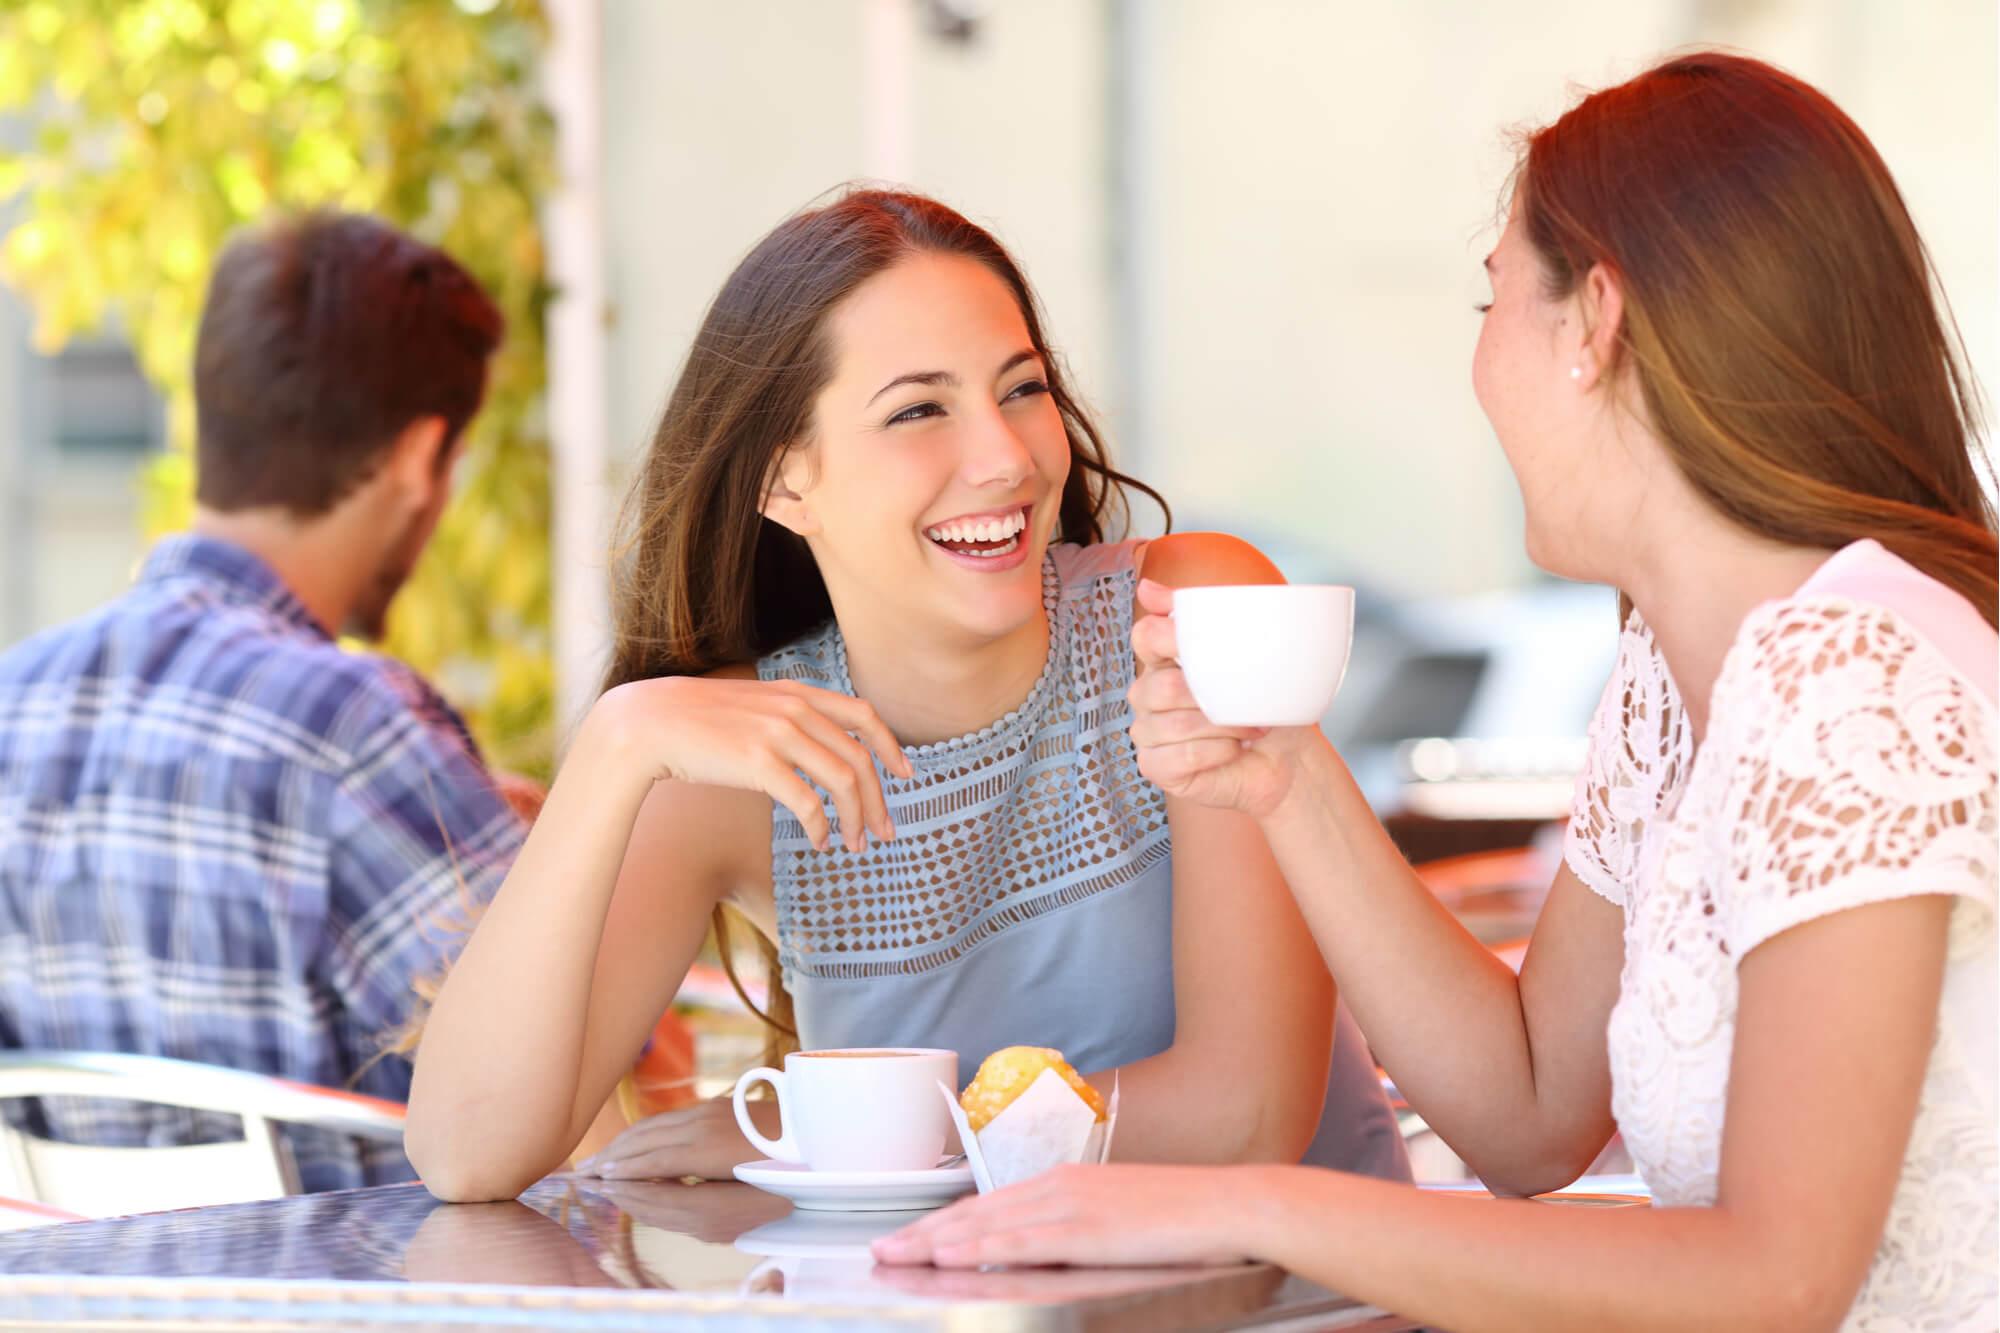 ティータイムにメンタルケアサポートを受ける女性